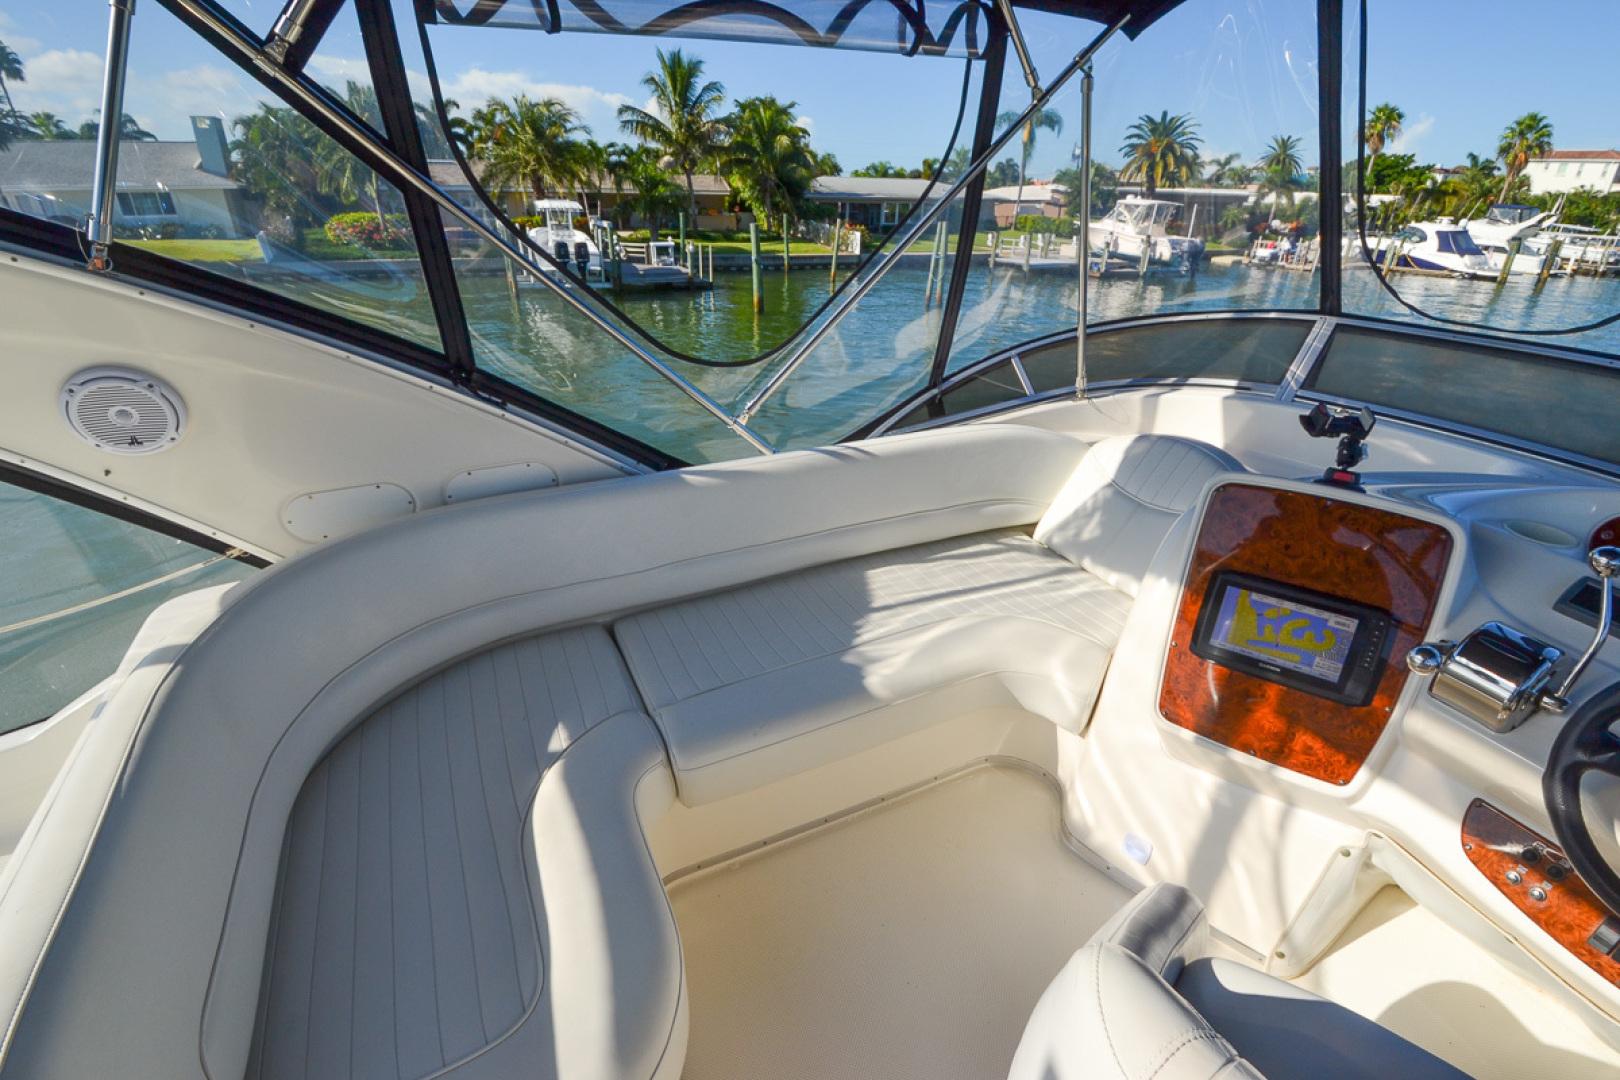 Meridian-341 Sedan 2004-Sea Harmony Belleair Beach-Florida-United States-1496630 | Thumbnail